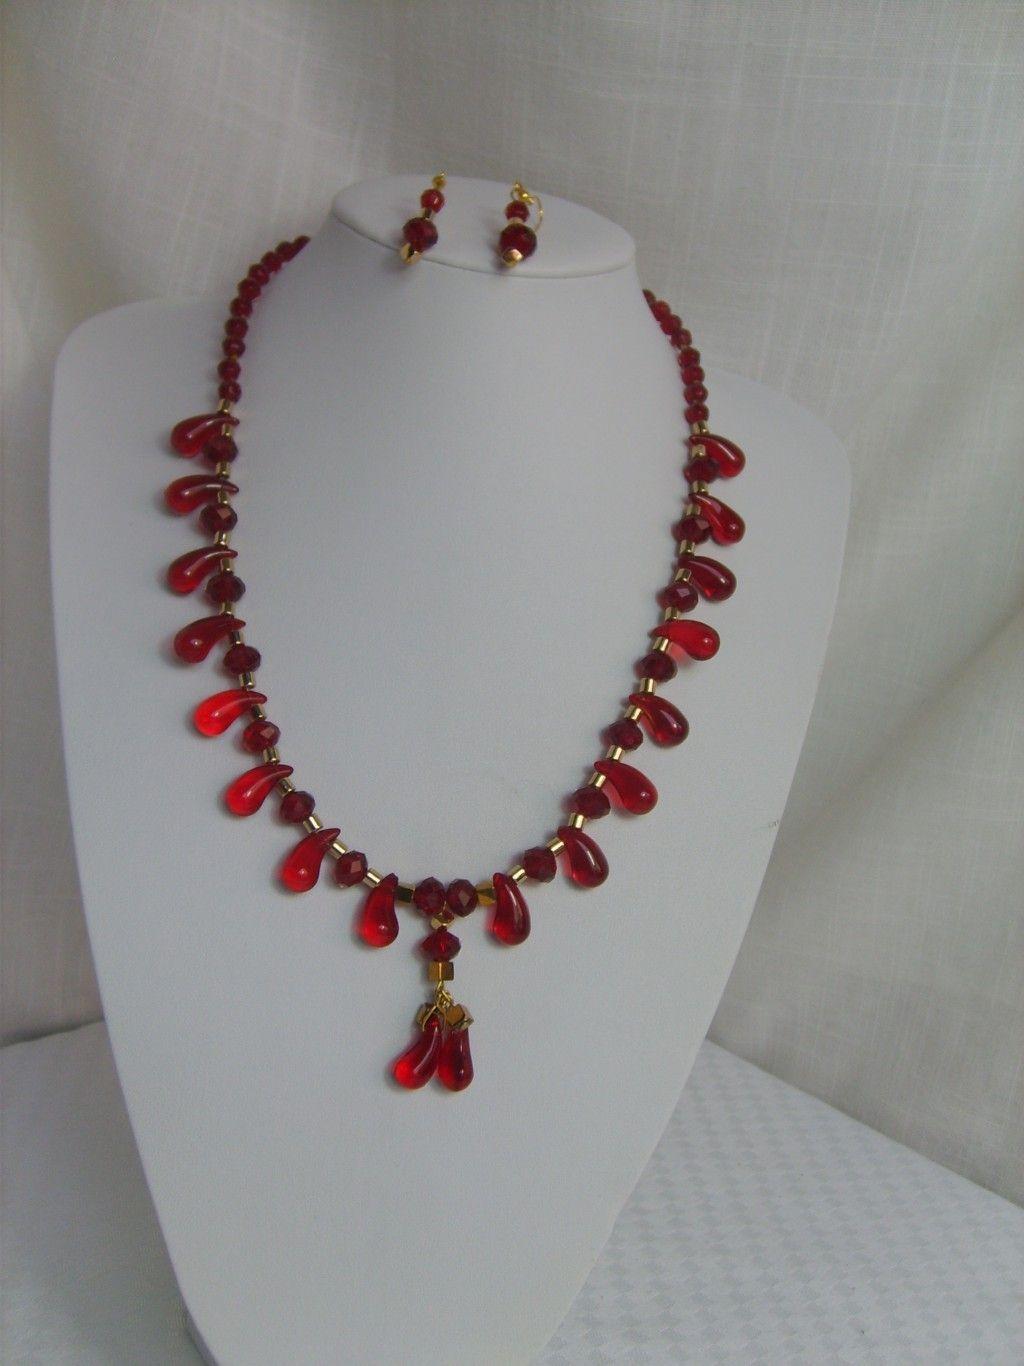 d9a9961d88ab Moderno collar de 50 cm de largo con cristales austriacos